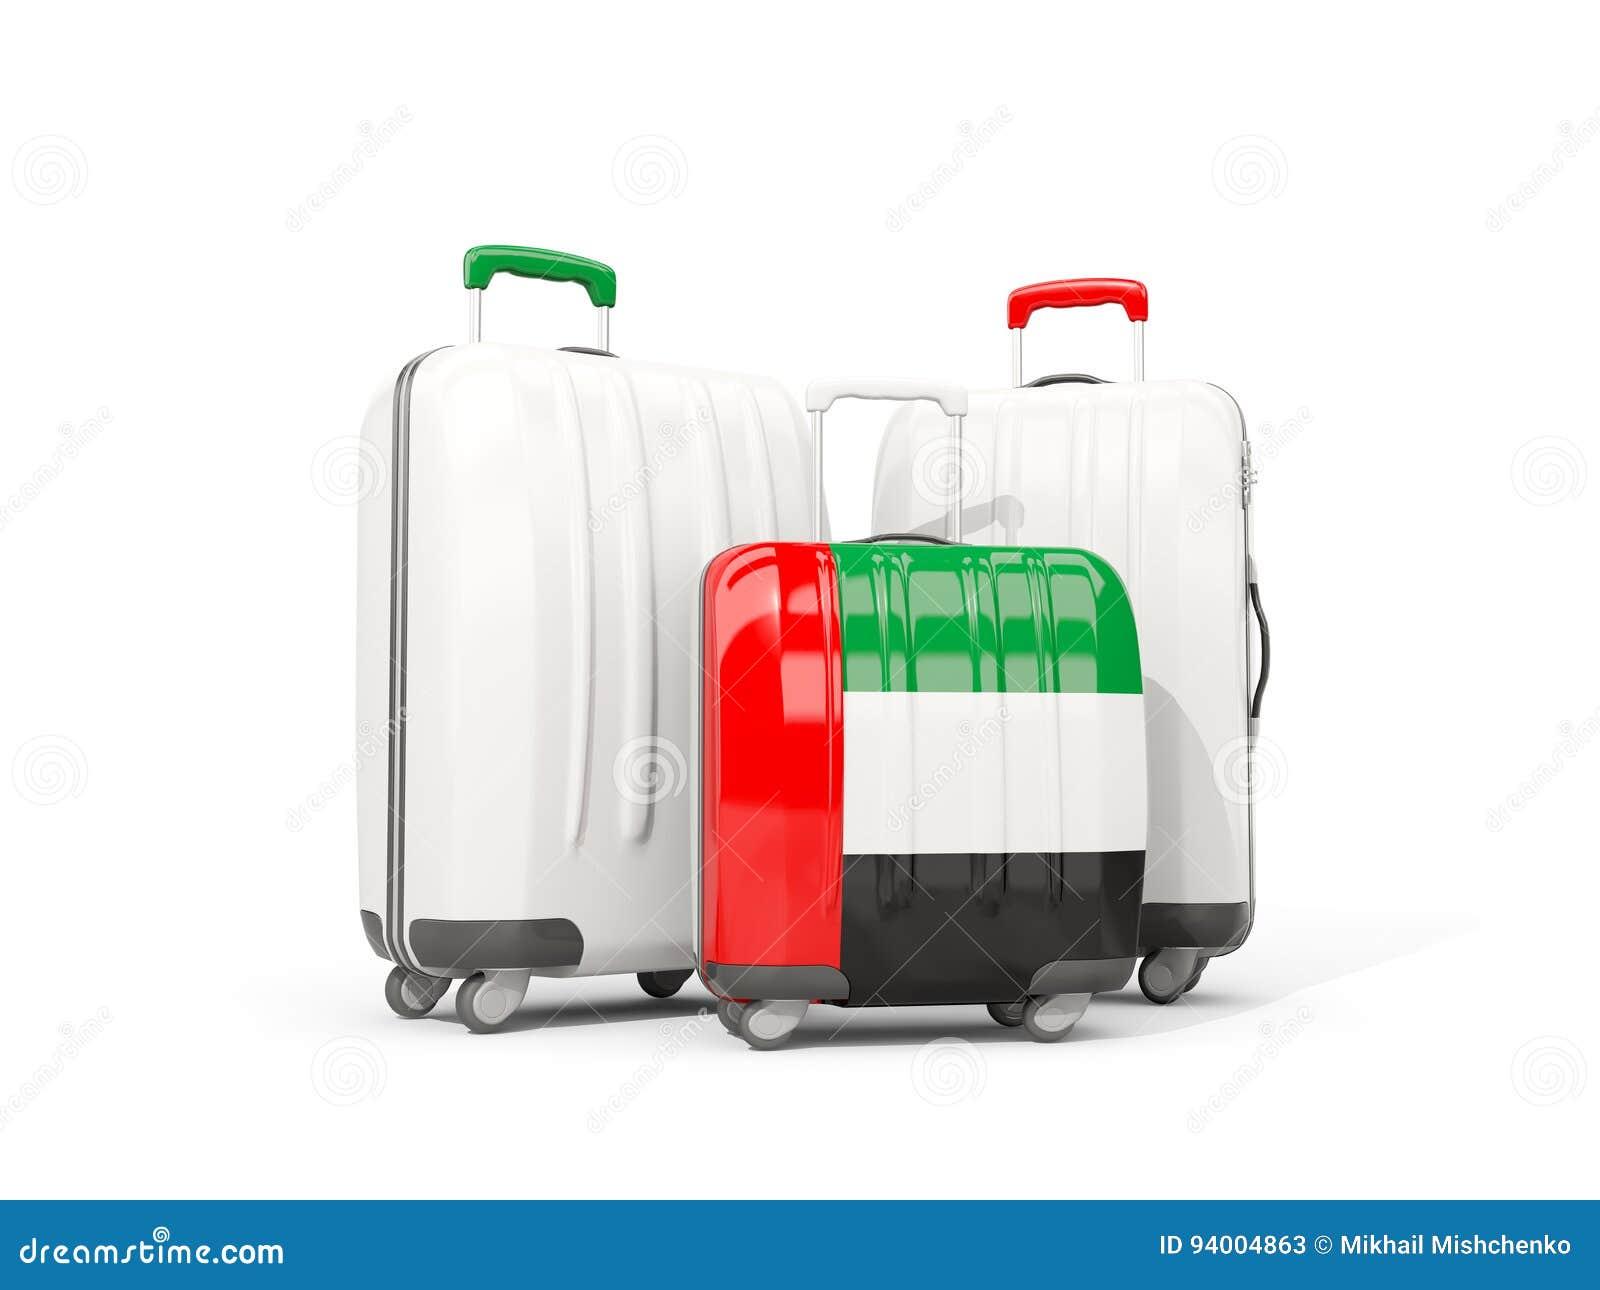 Emirates Equipaje La De Arab Tres Con Bolsos United Bandera Aislados rrYfTq